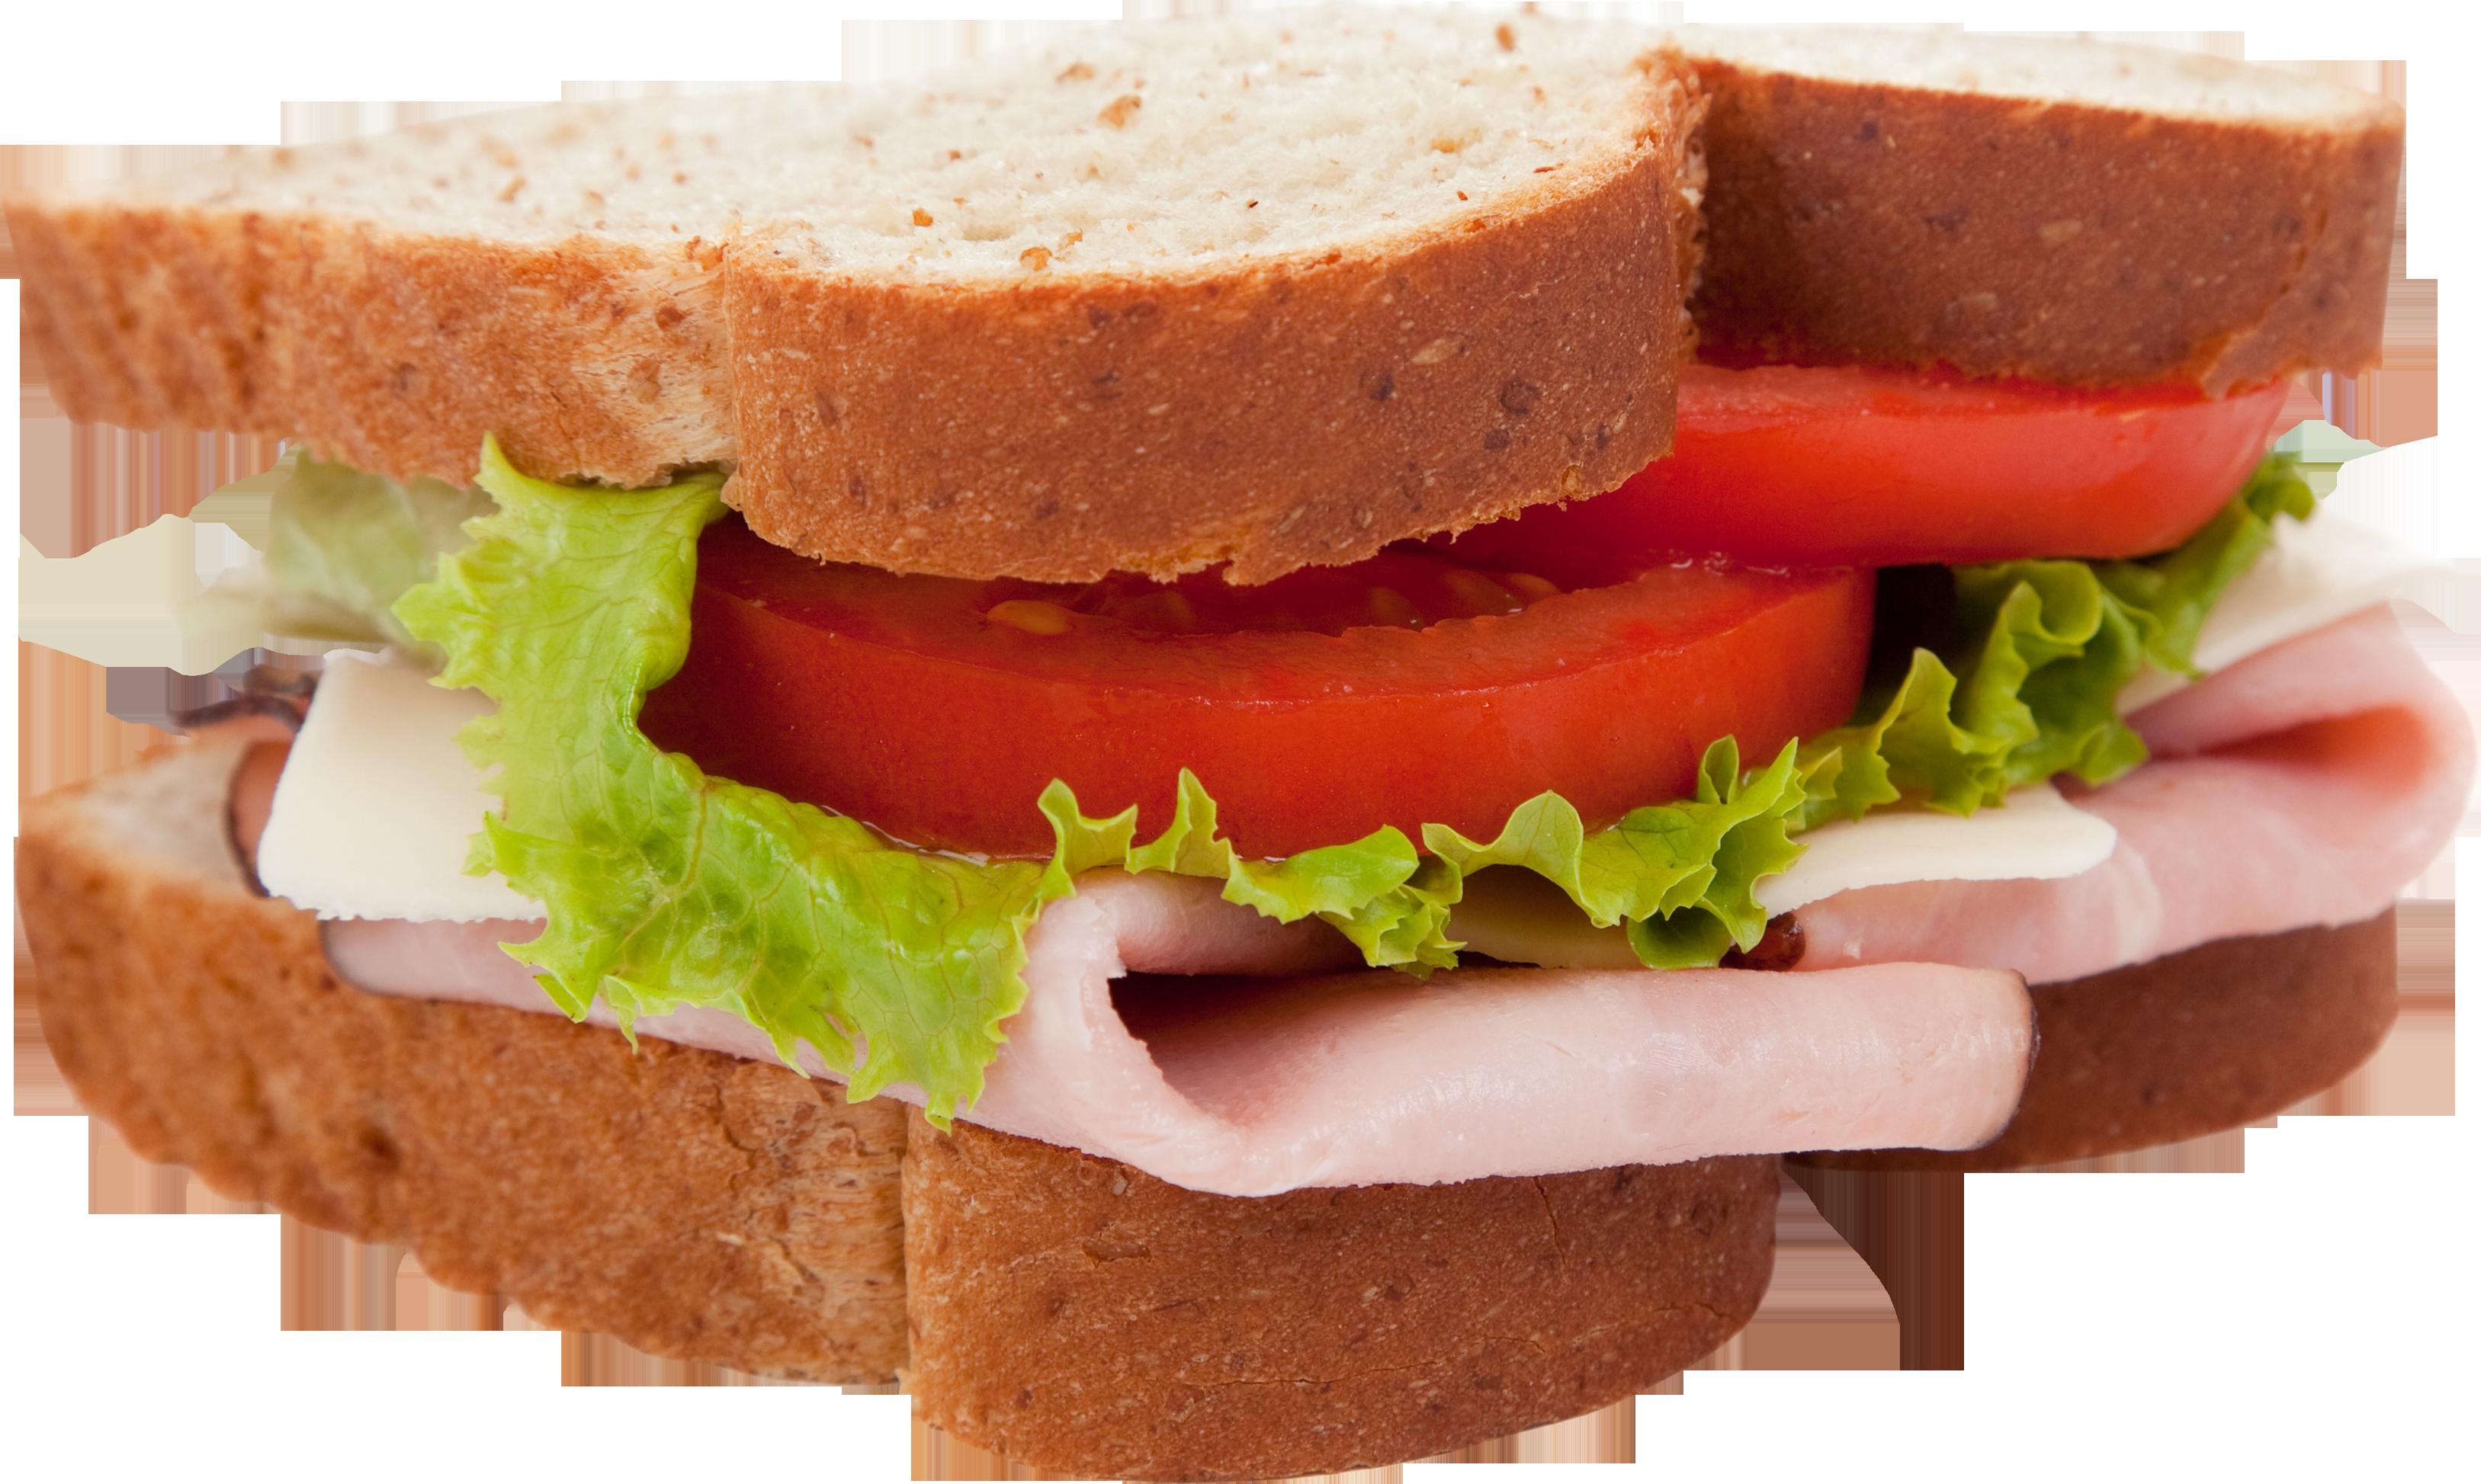 Картинка бутерброда на прозрачном фоне